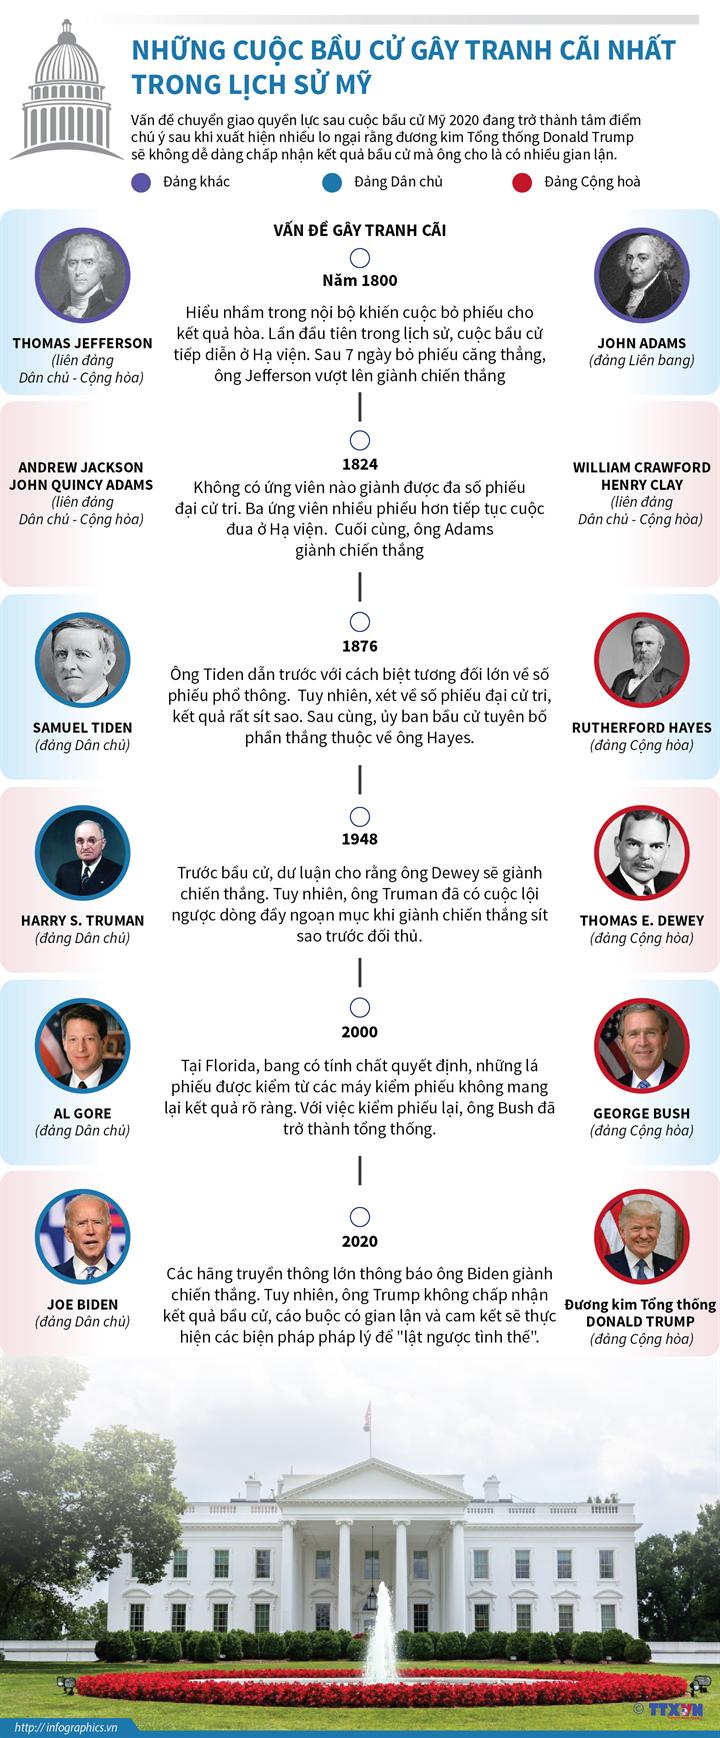 Những cuộc bầu cử gây tranh cãi nhất trong lịch sử Mỹ